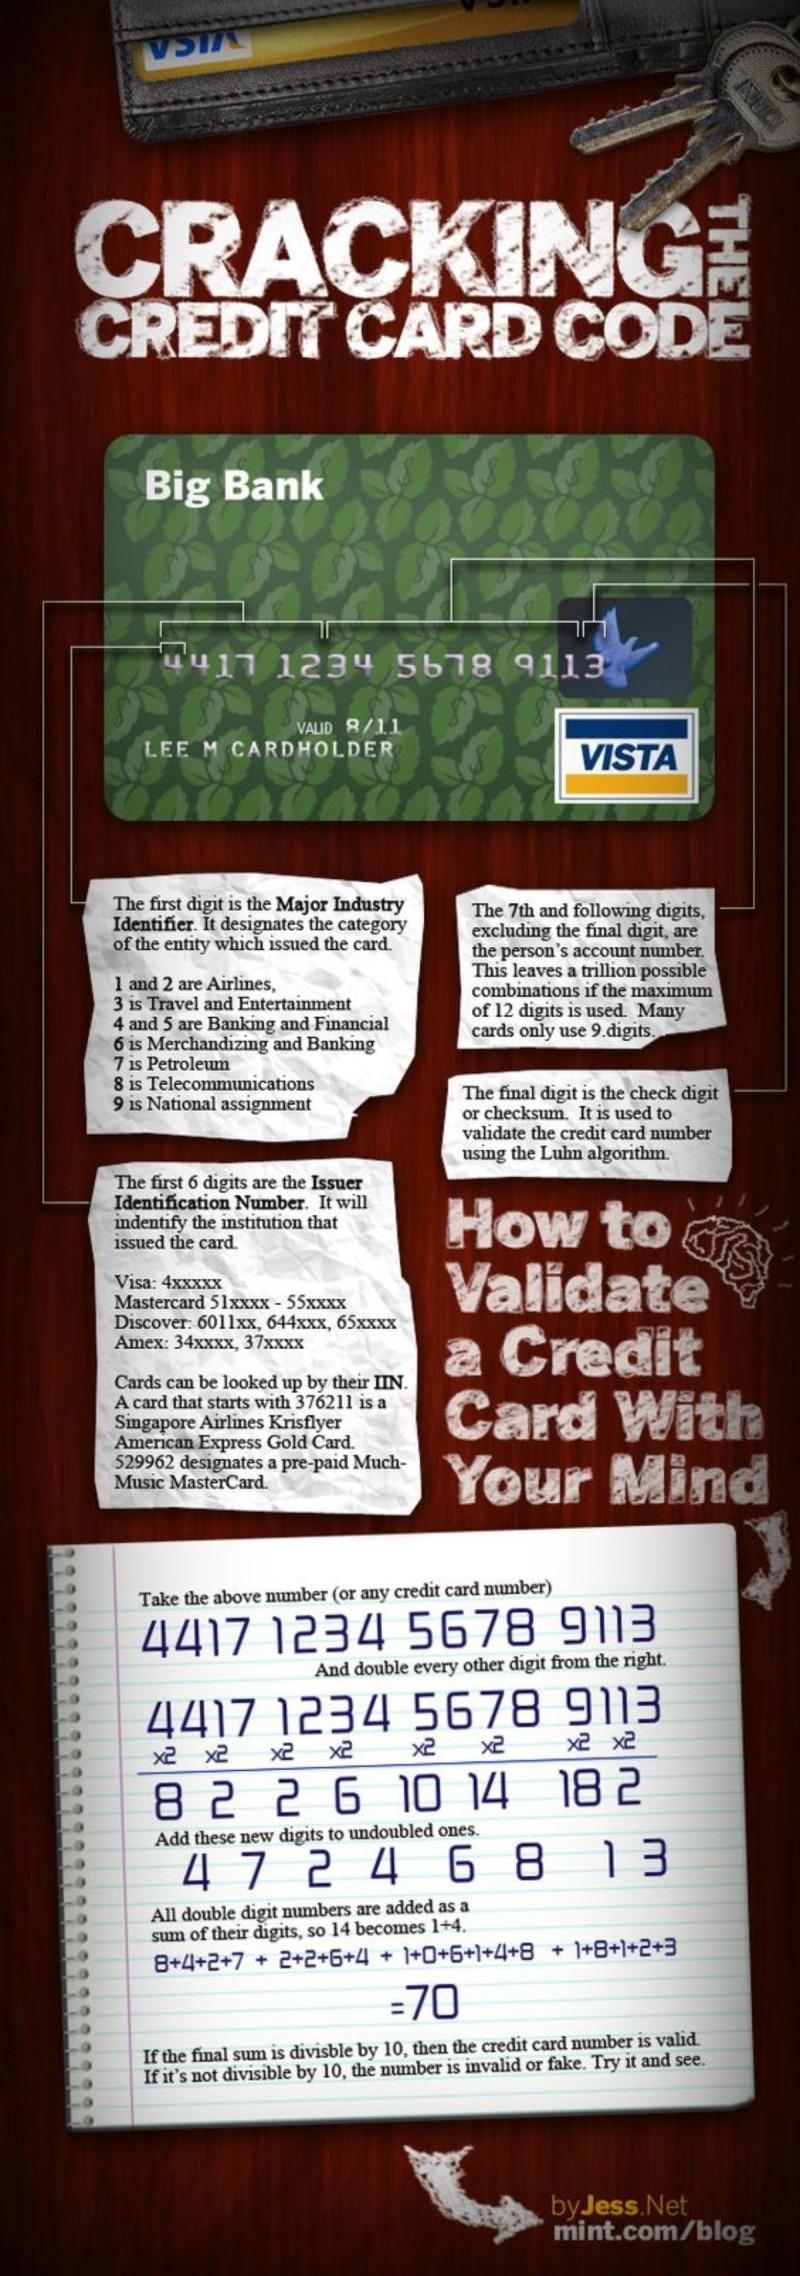 Δεν φαντάζεστε τι κρύβεται πίσω από τον αριθμό της πιστωτική σας κάρτας...Θα πάθετε σοκ!